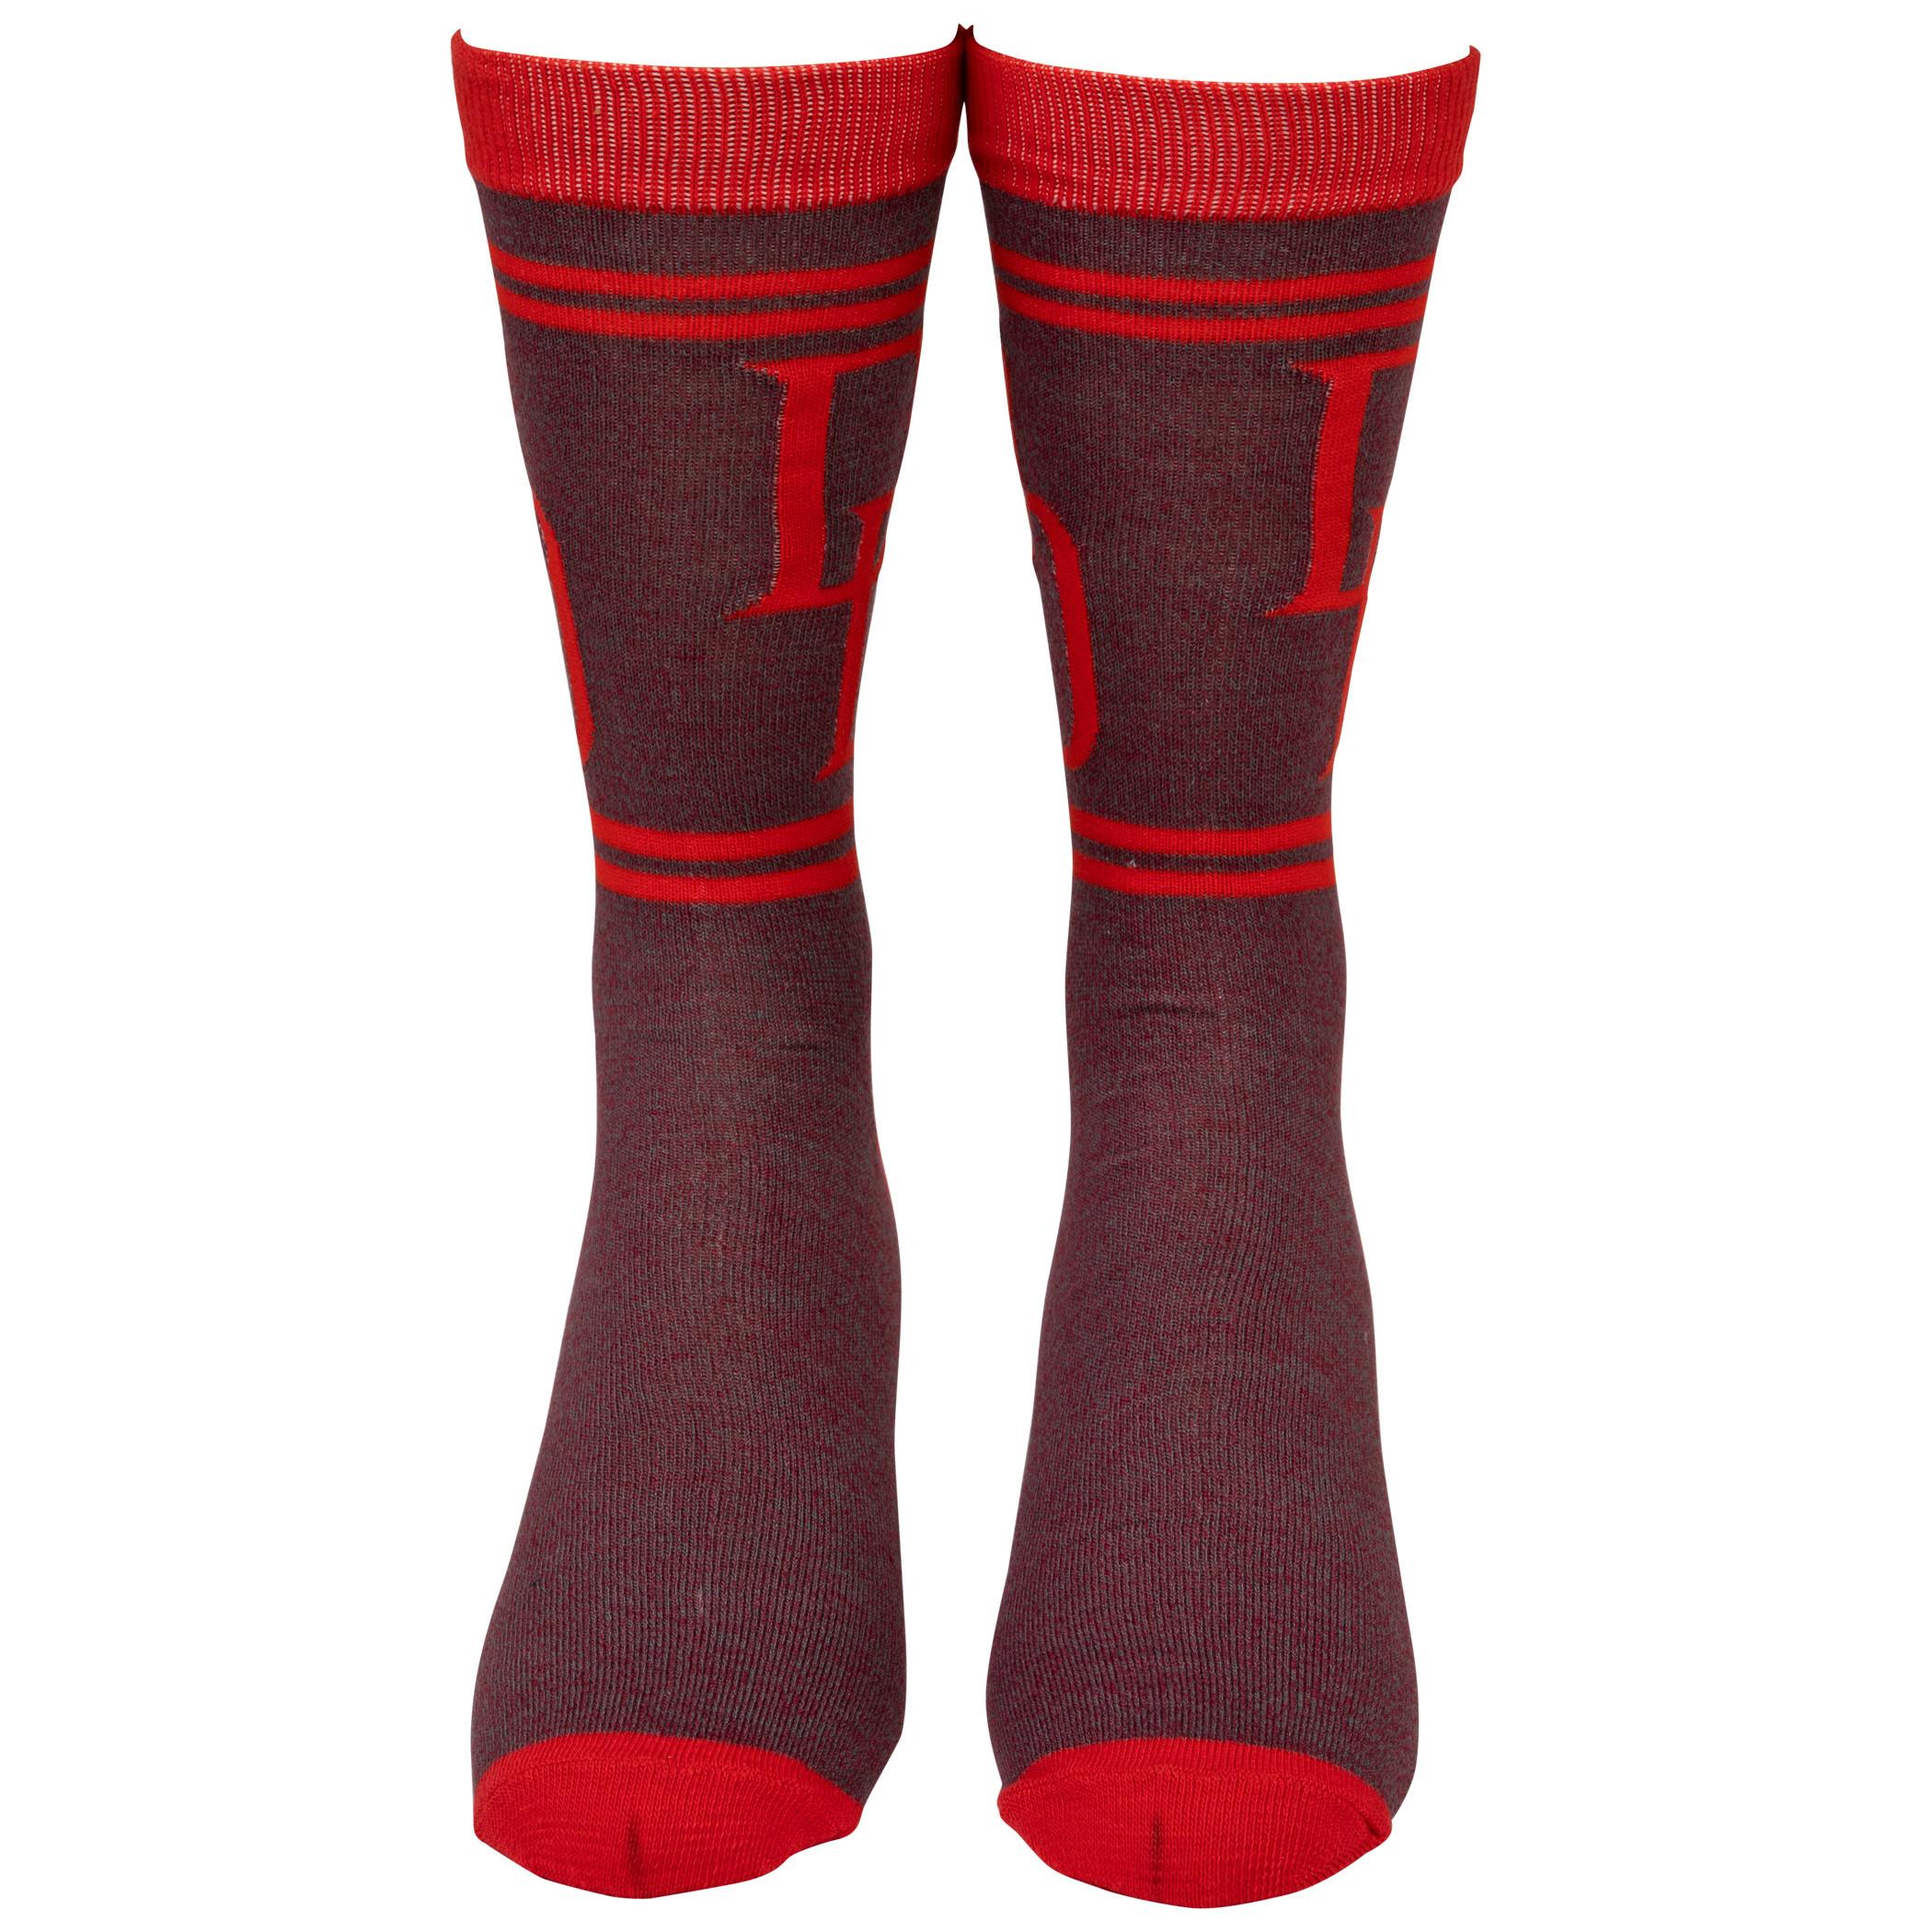 Marvel Daredevil Double D Symbol Crew Socks